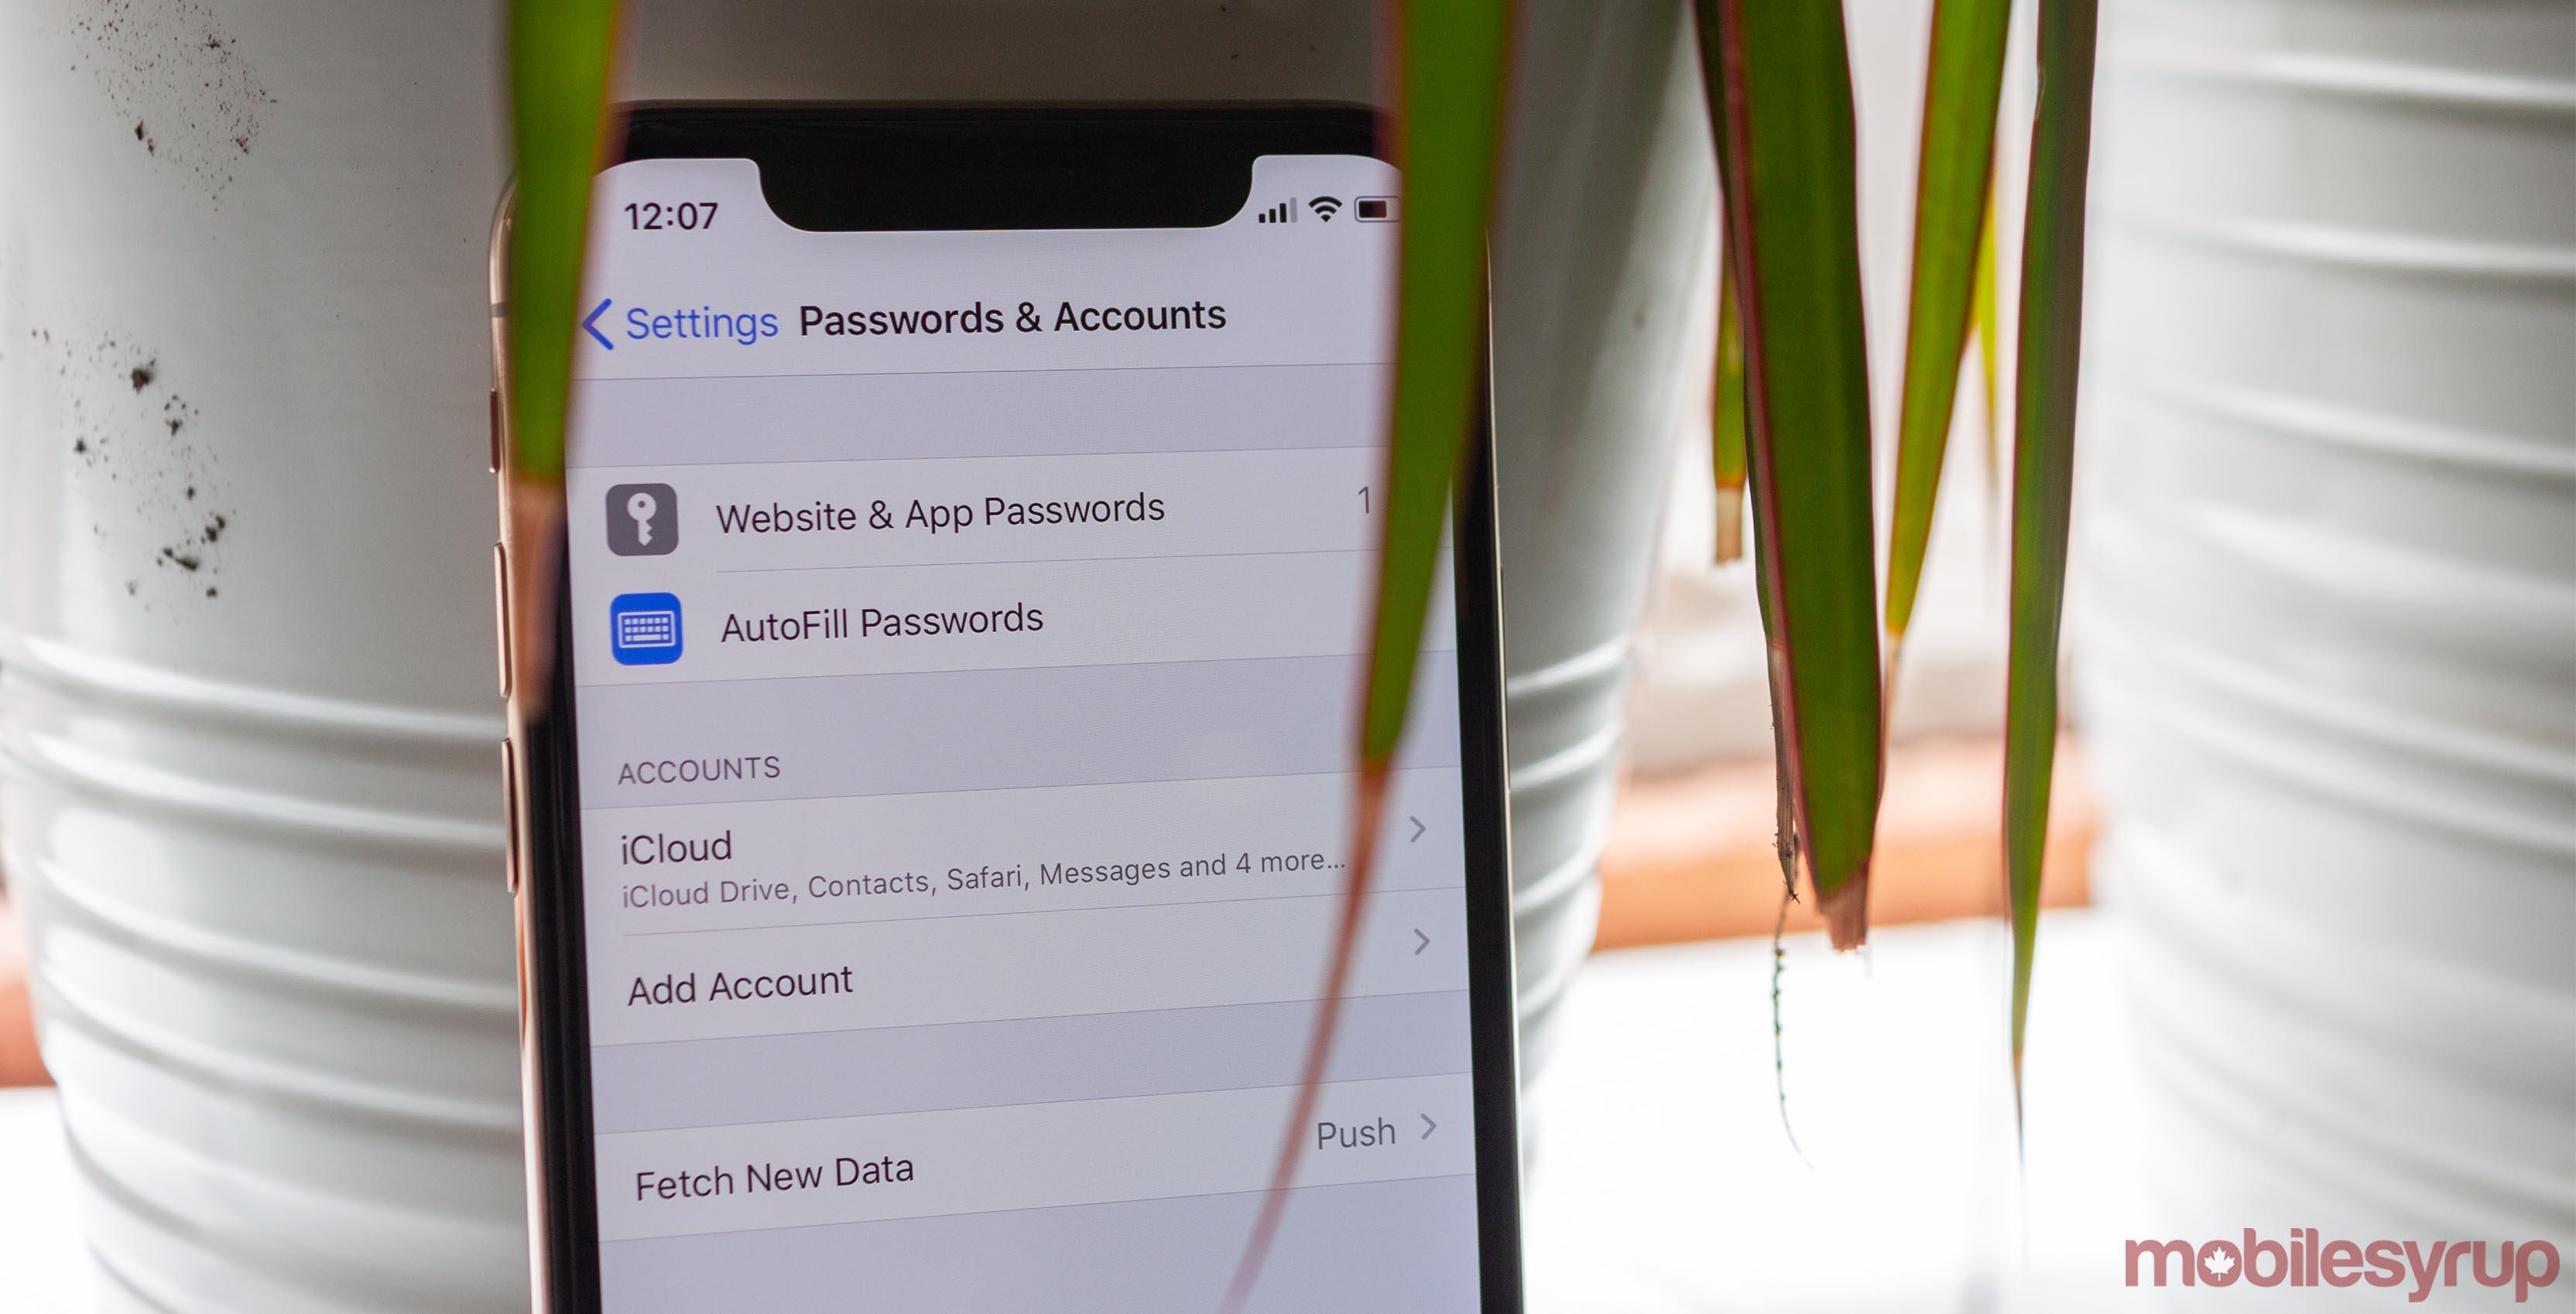 iOS 13 security bug